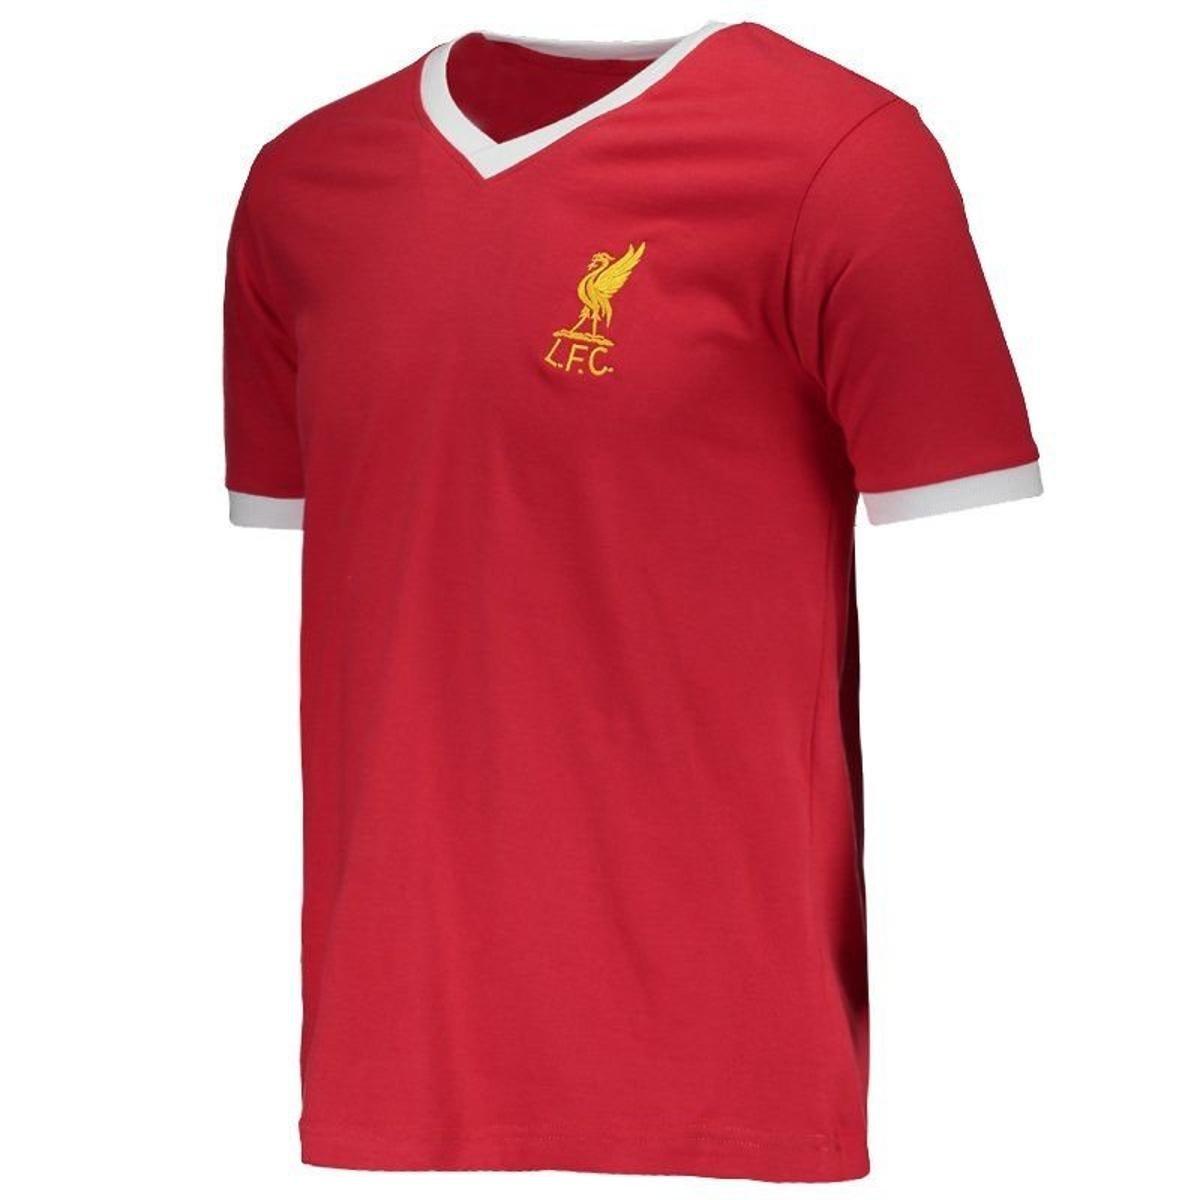 Camisa Retrômania Liverpool 1978 Masculina - Vermelho - Compre Agora ... 8c52b3879b223